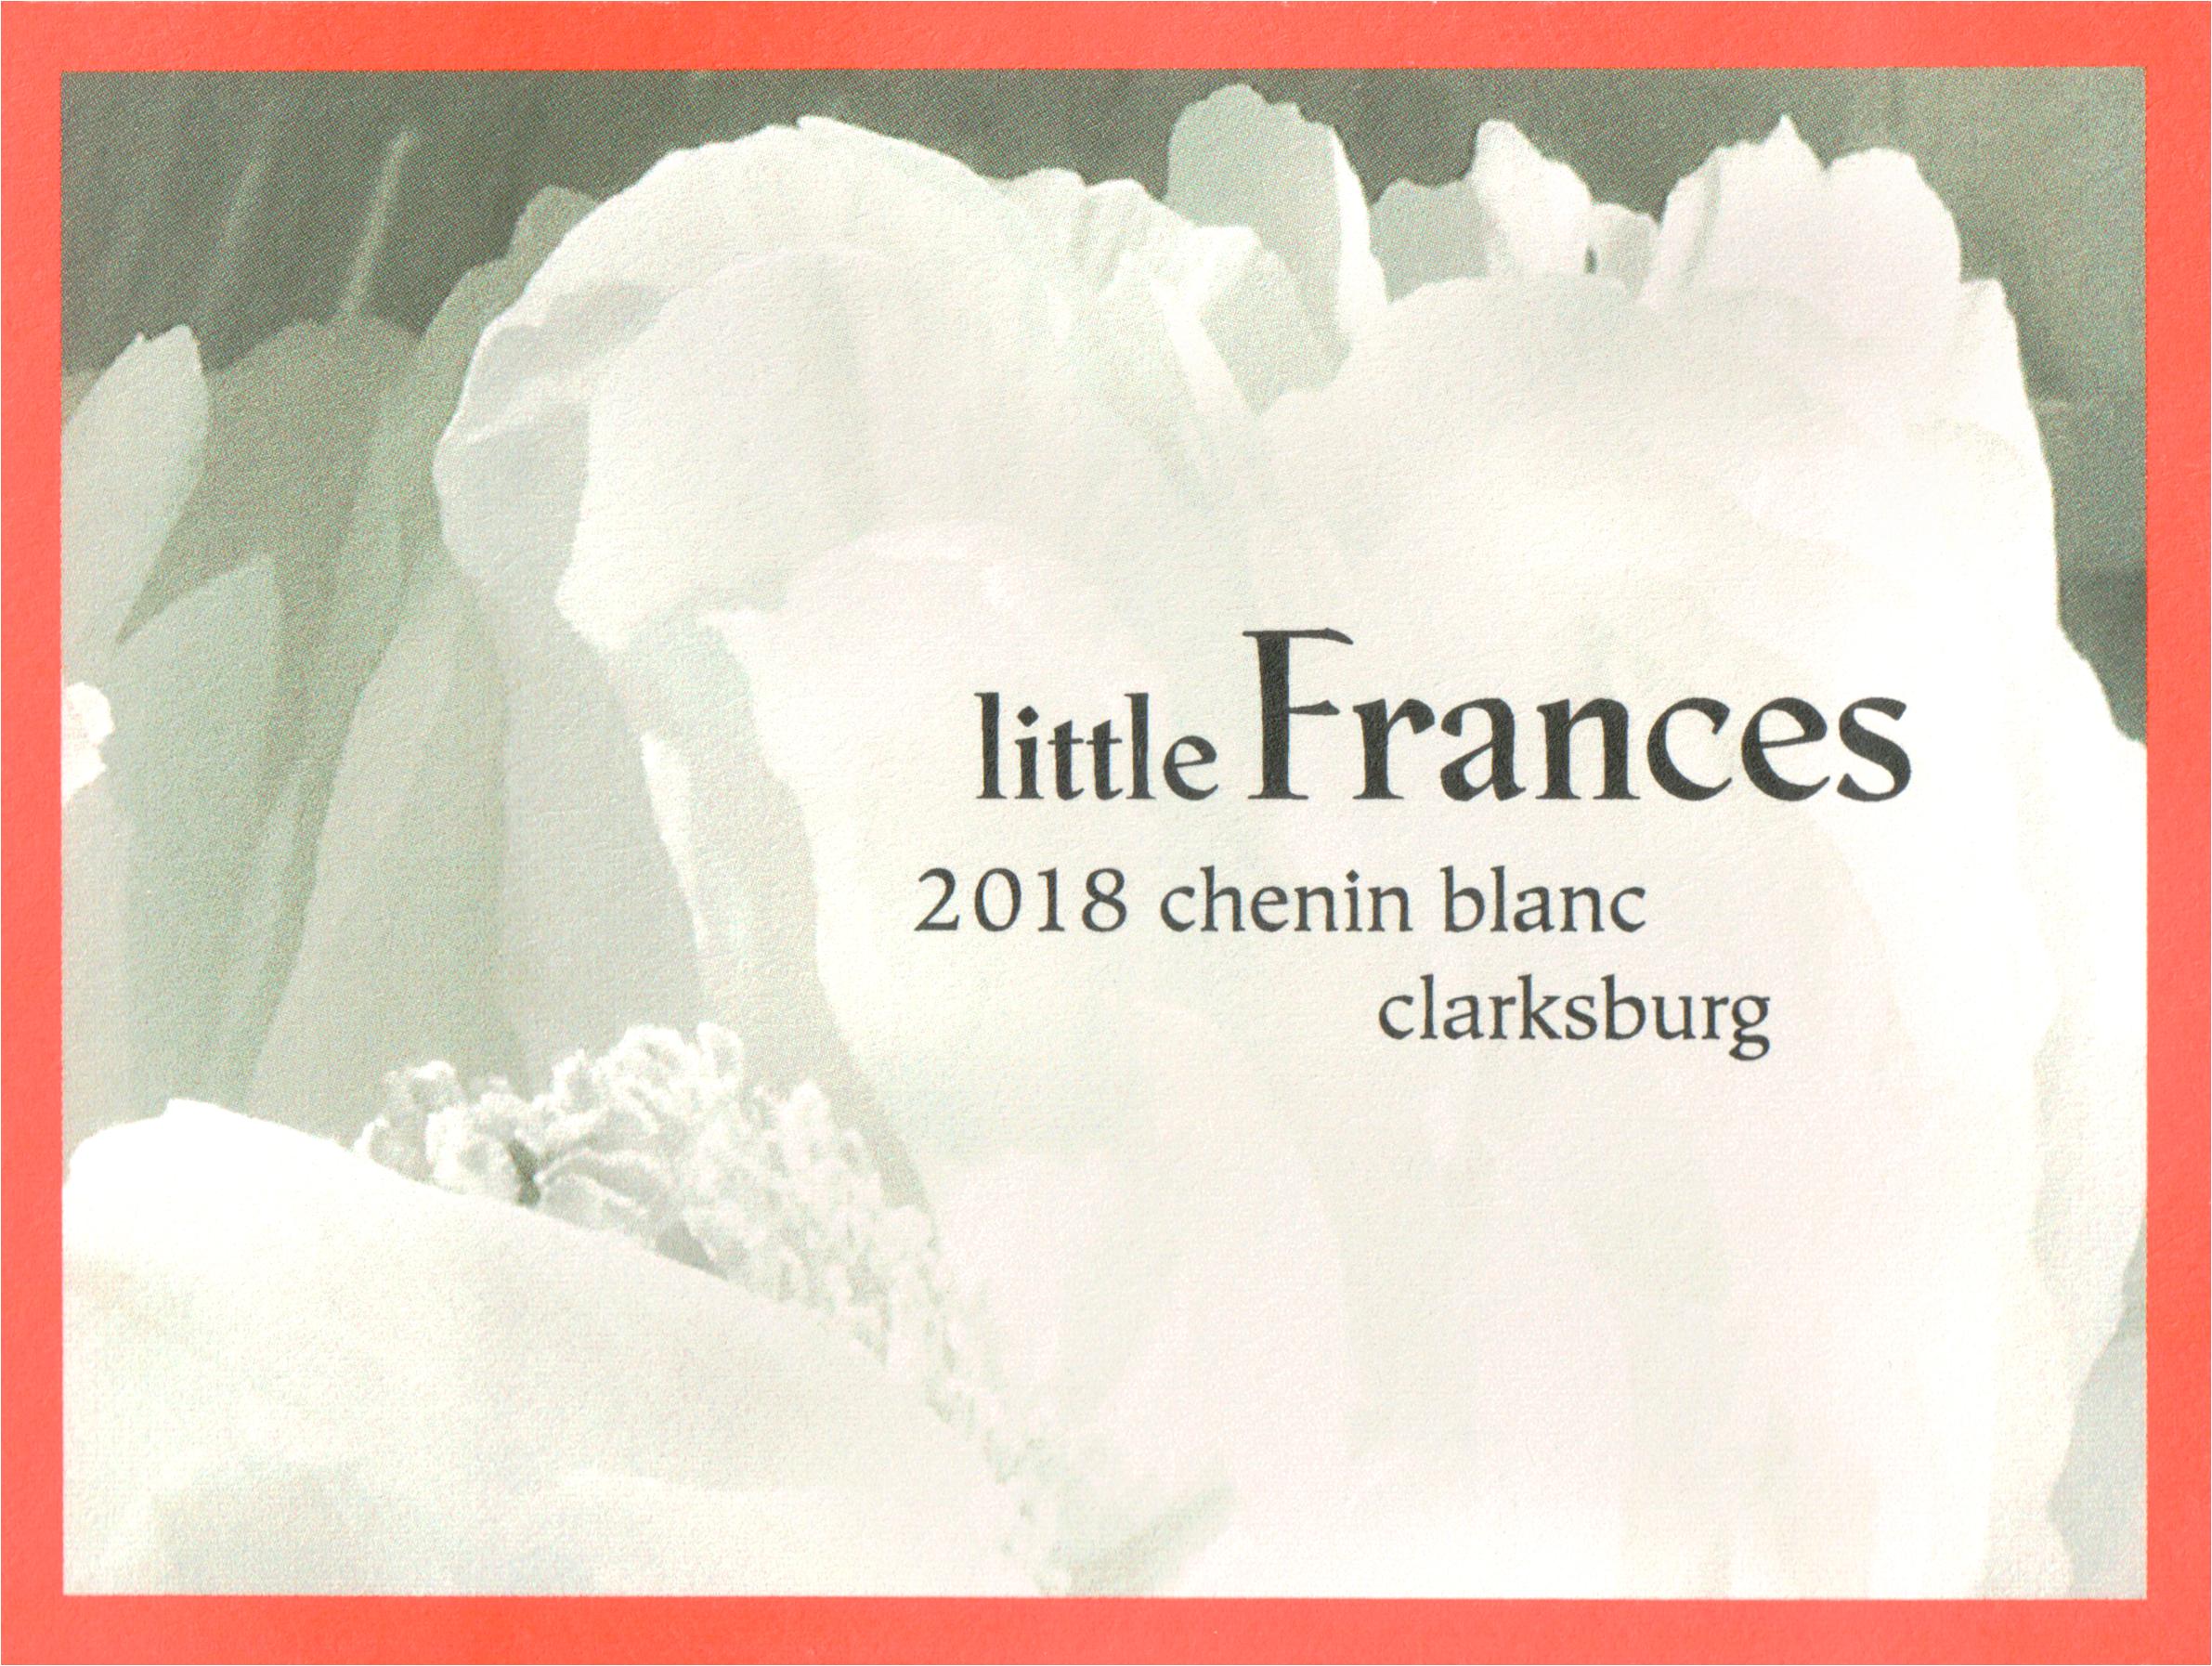 Little Frances Chenin Blanc Clarksburg 2018